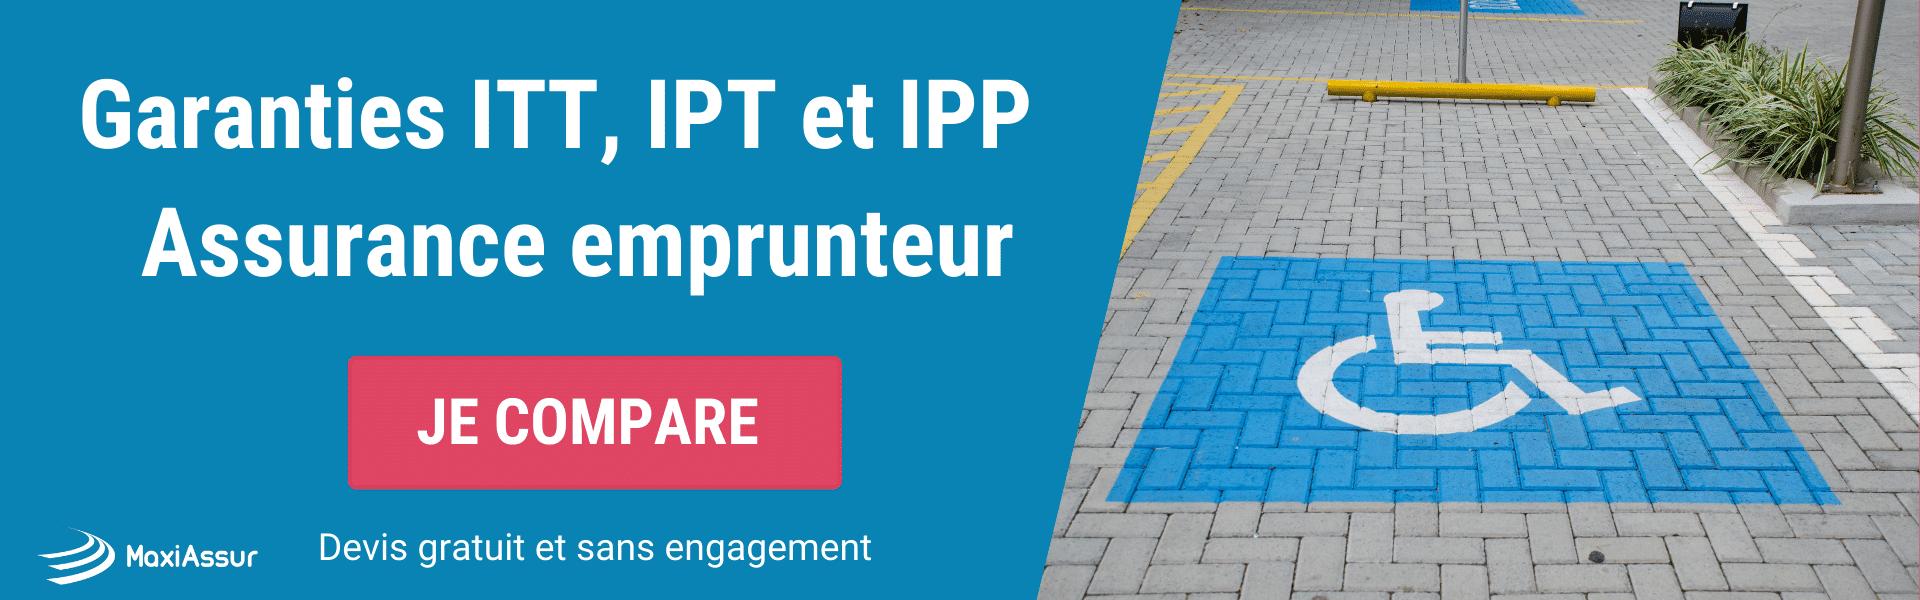 garanties ITT IPT et IPP assurance emprunteur